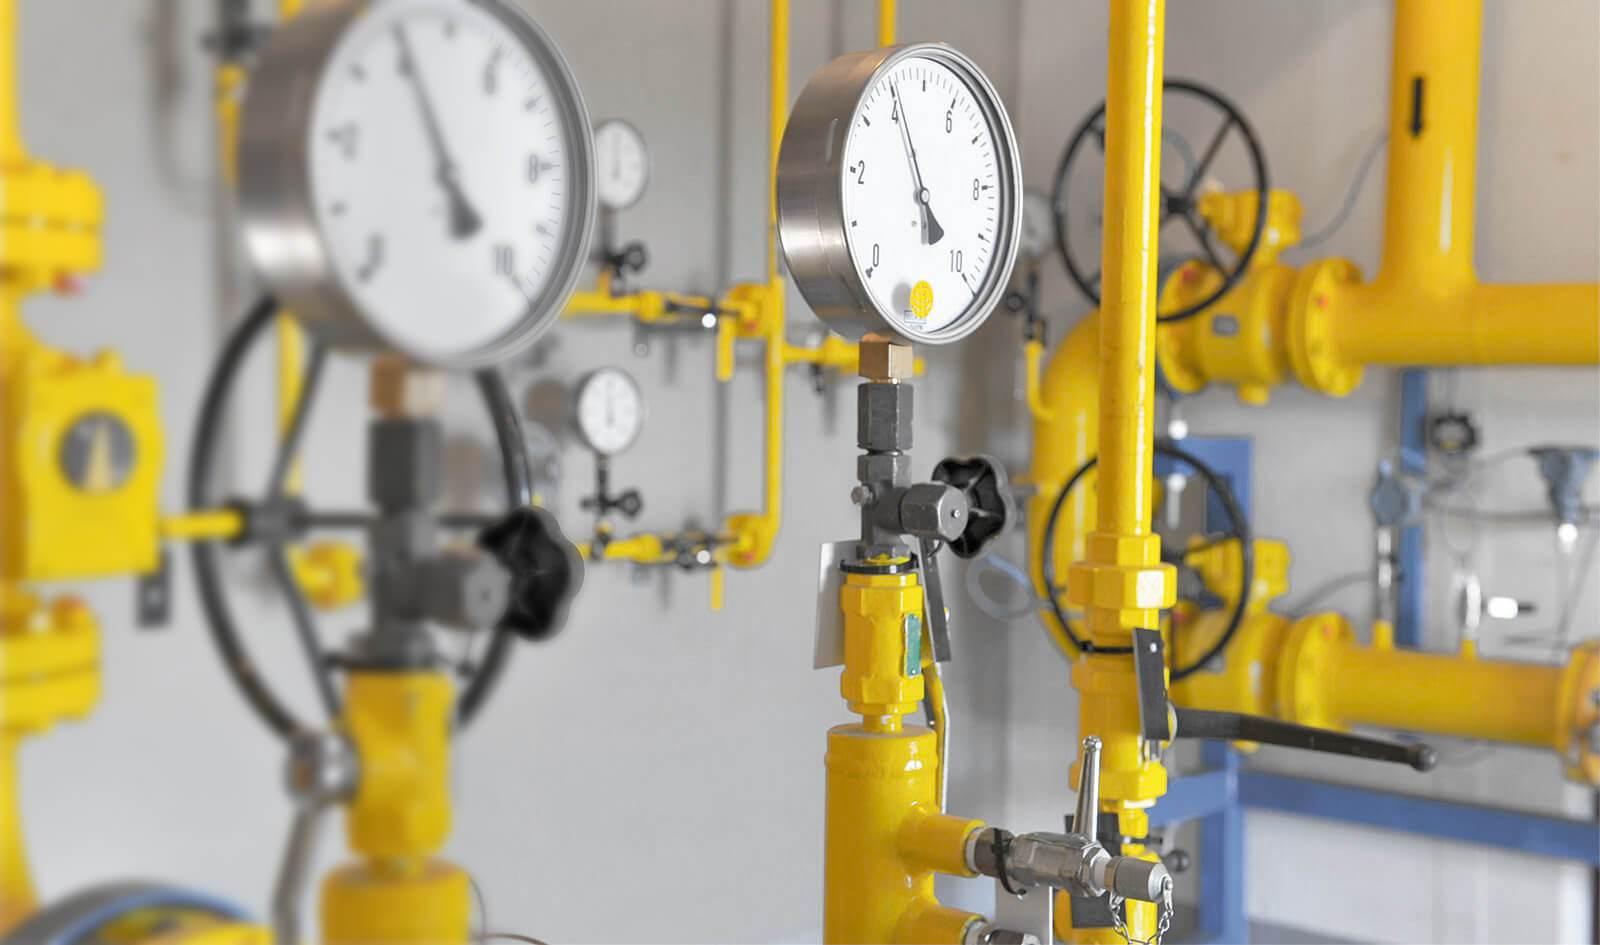 Диагностика внутридомового газового оборудования – что это?